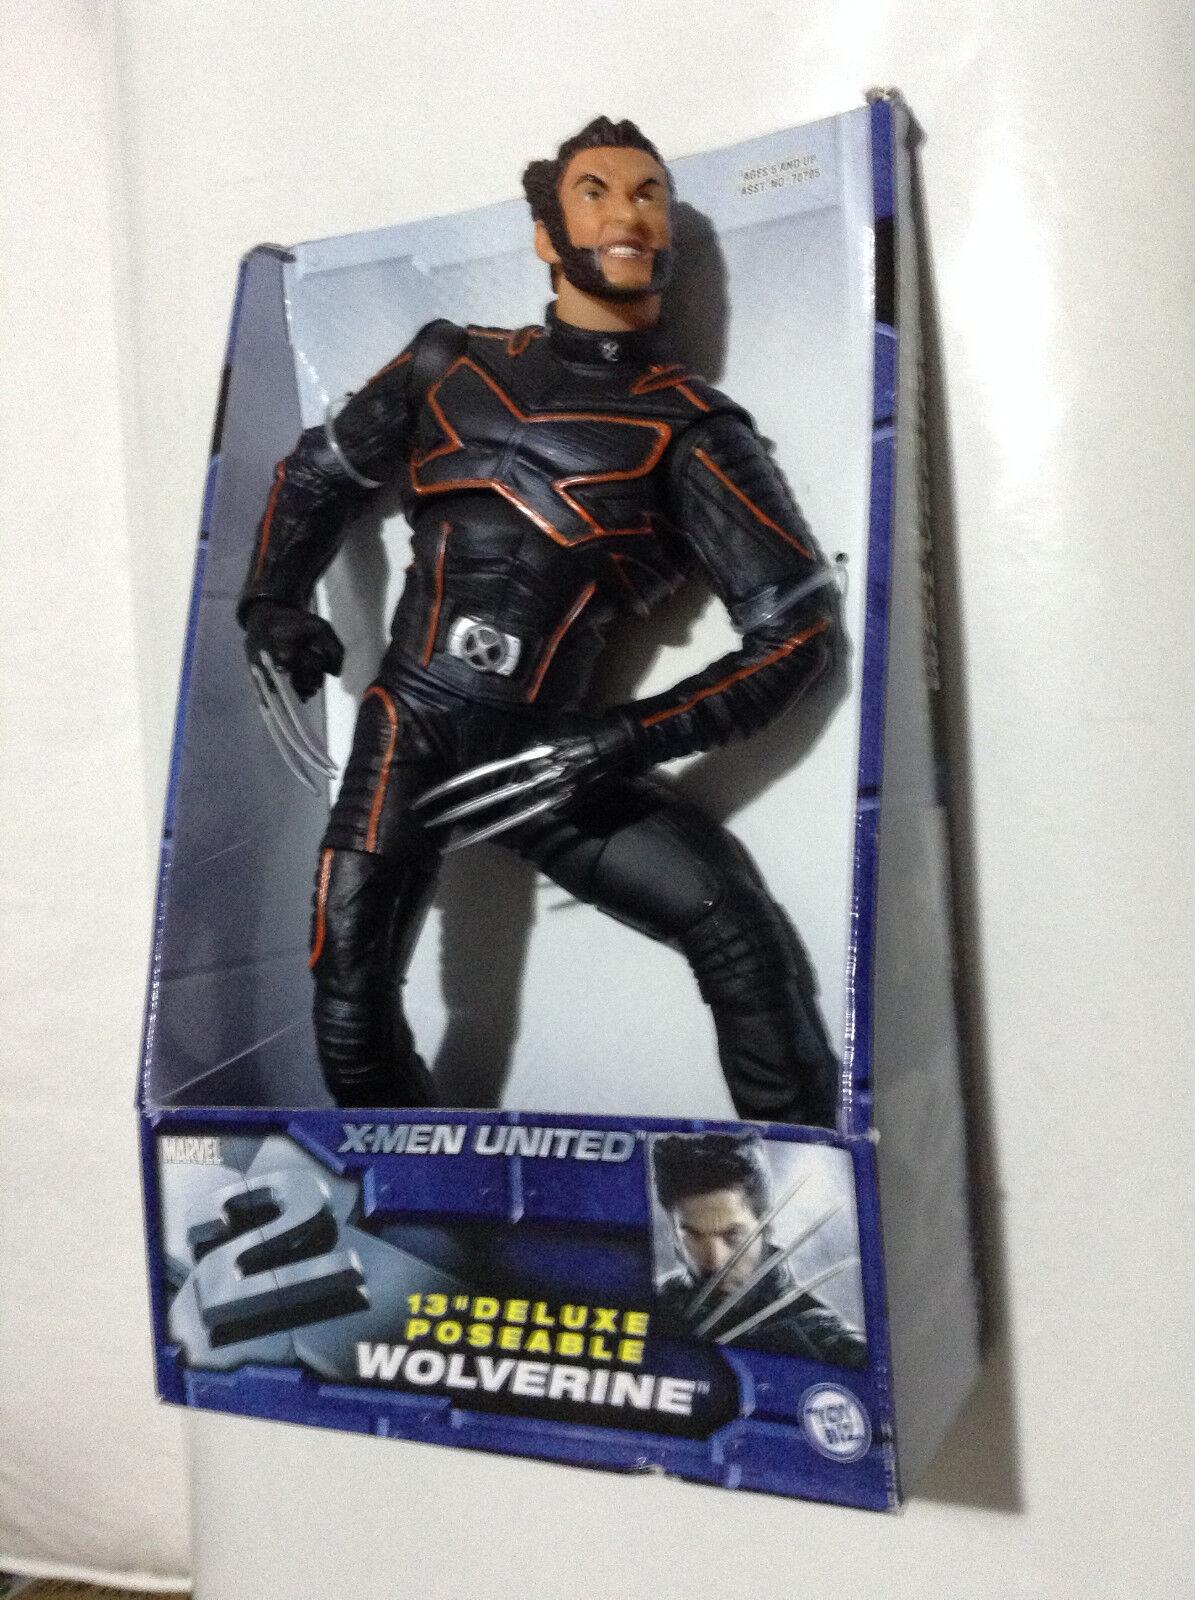 venta al por mayor barato X-men 2 United película Wolverine Hugh Jackman 13    Nuevos Marvel ahora 4 Poseable figura  ahorra hasta un 50%